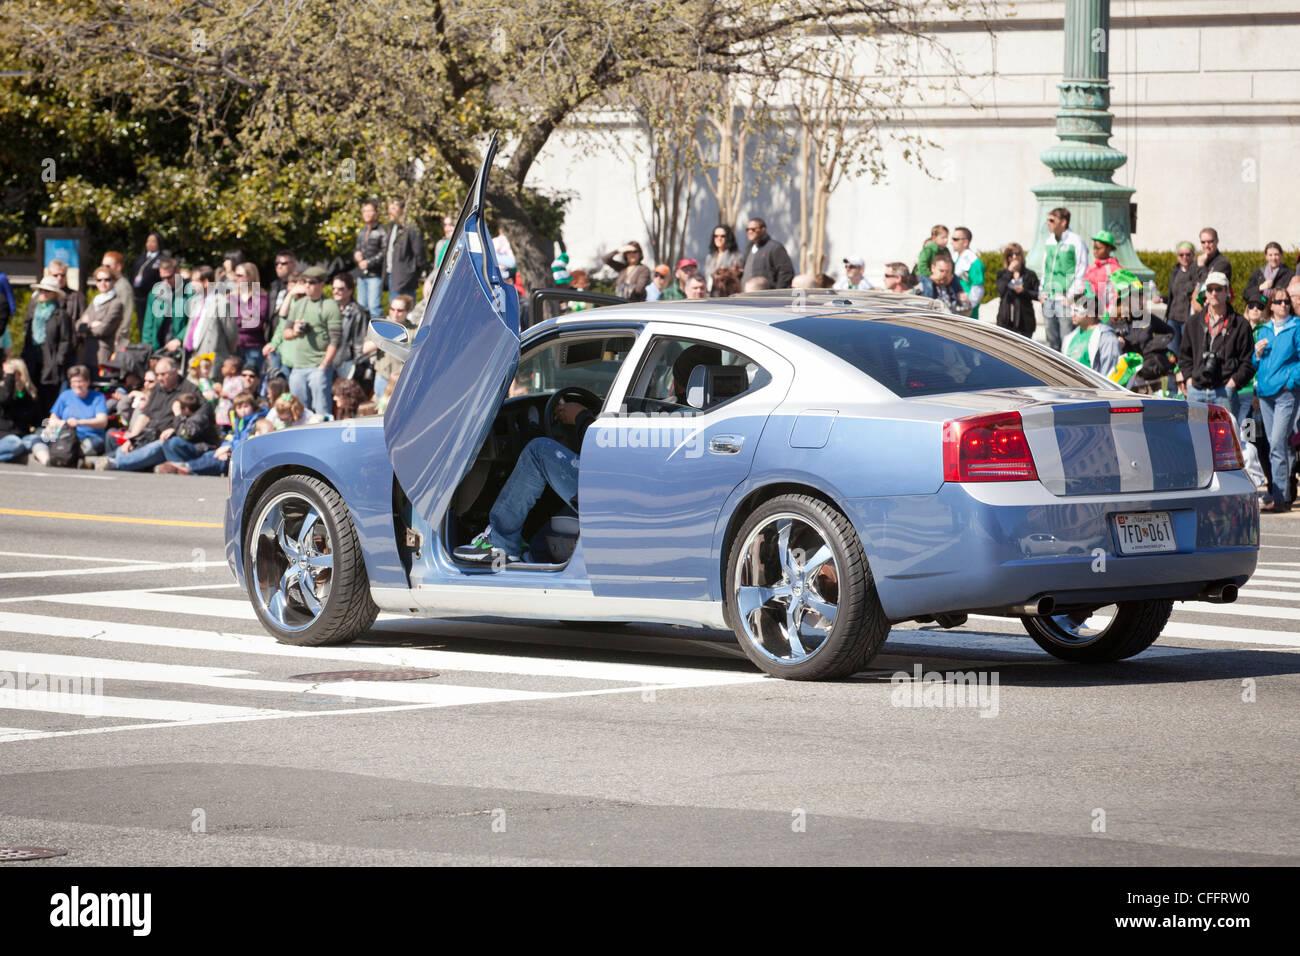 Fine del modello Dodge Charger con modificato le porte a forbice Immagini Stock